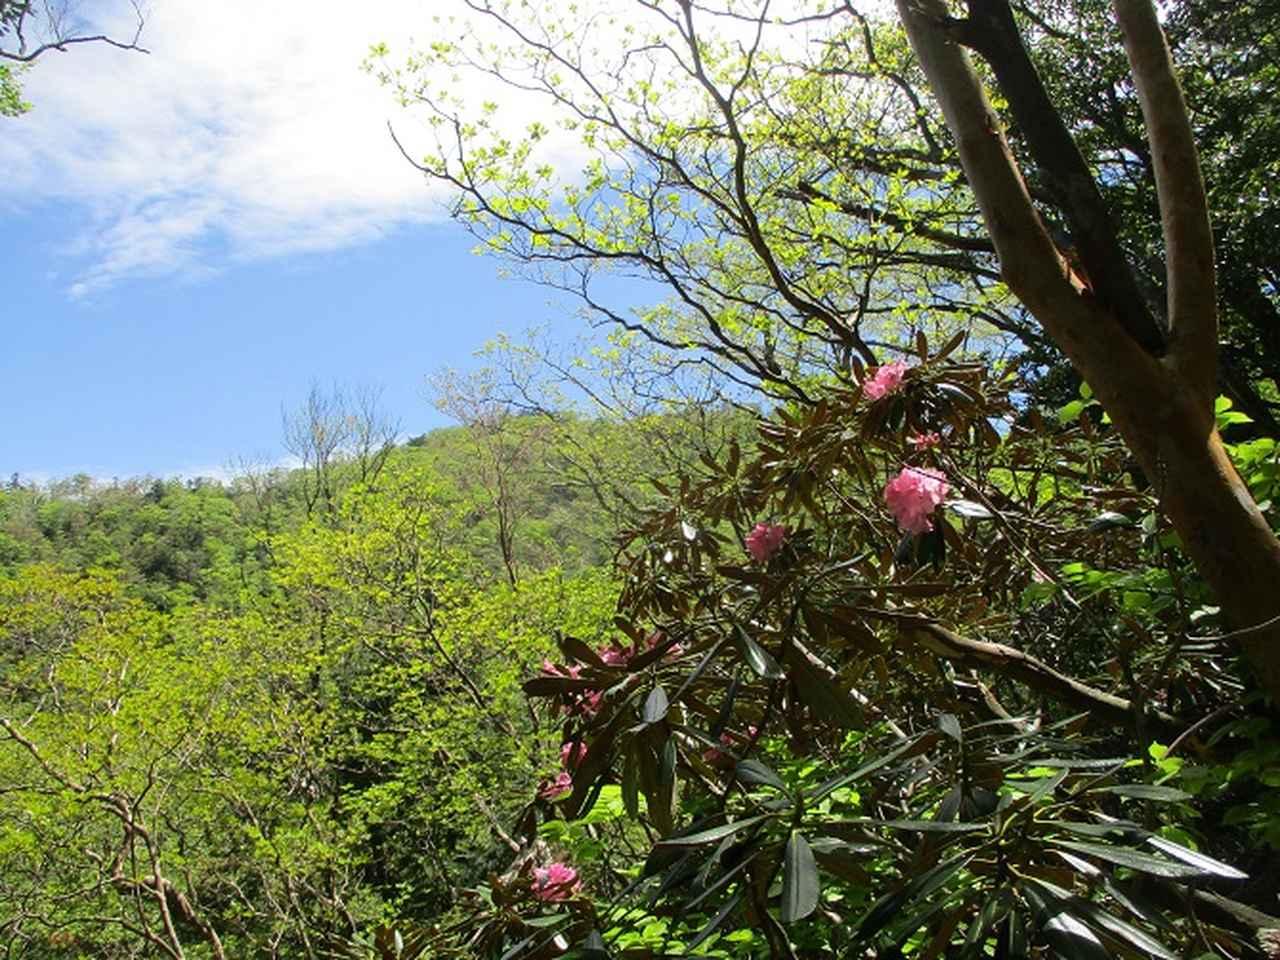 画像3: 来年の宿泊ツアーの企画素材を探して奈良県の大峰山に行ってきました!